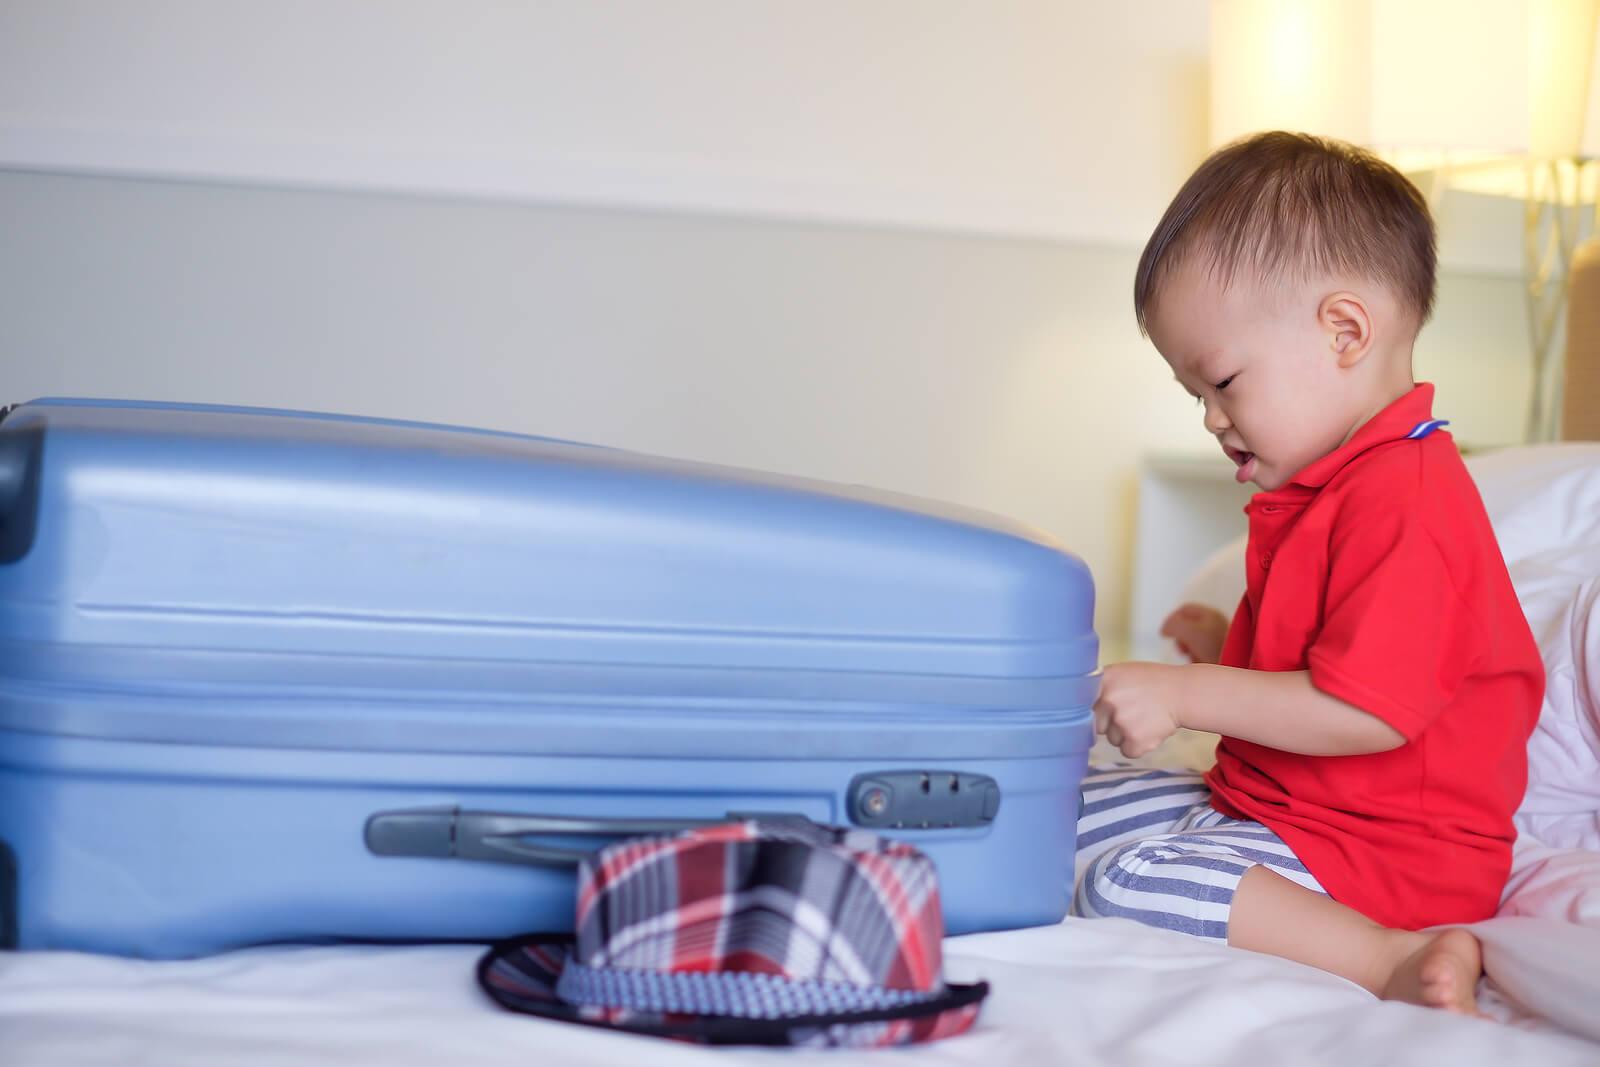 Niño preparando la maleta para salir de viaje.